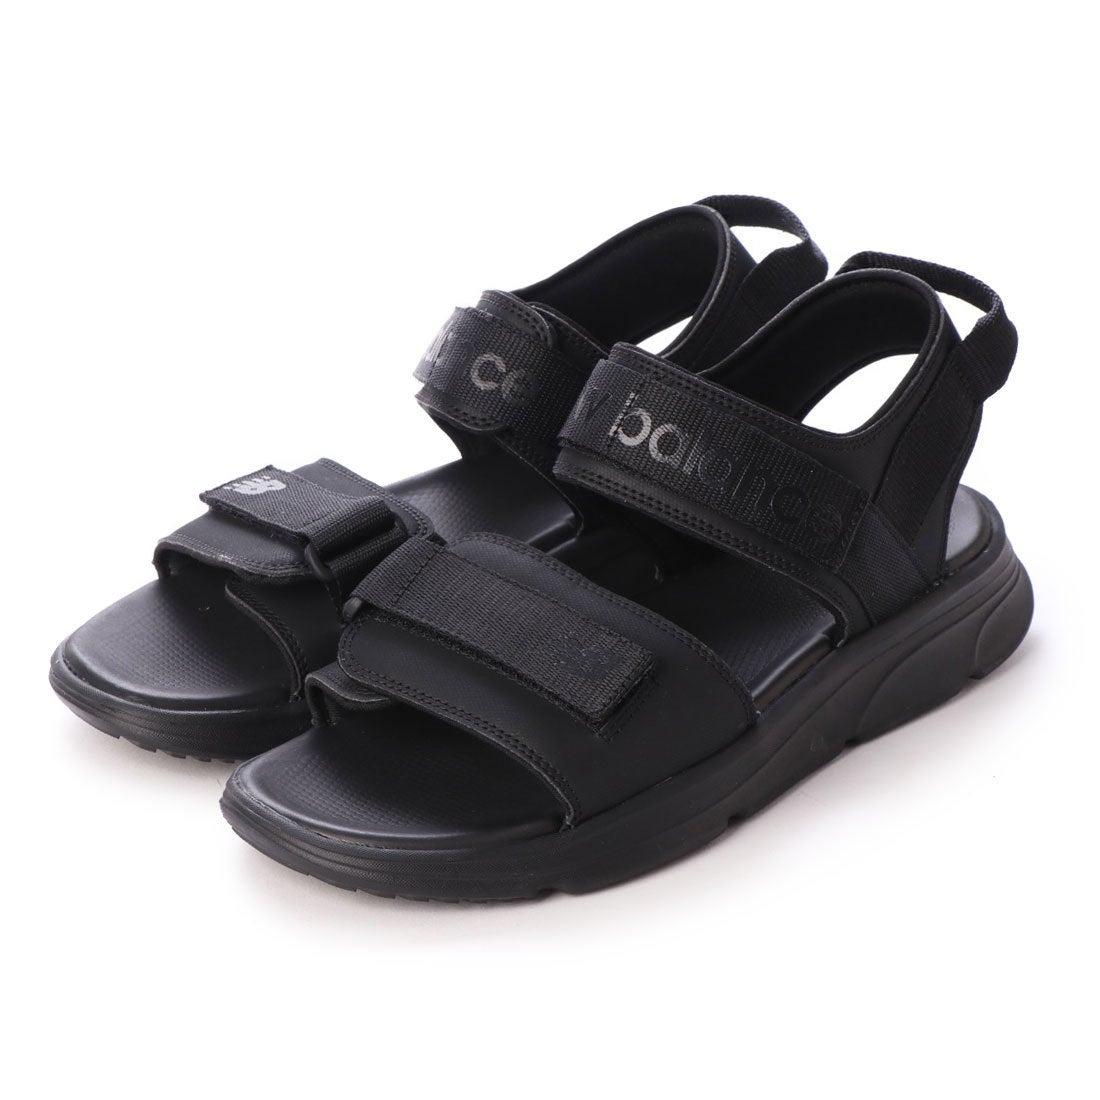 c59208cdcd290 ニューバランス new balance メンズ スポーツサンダル SDL250 SDL250D 1096 -靴&ファッション通販  ロコンド〜自宅で試着、気軽に返品